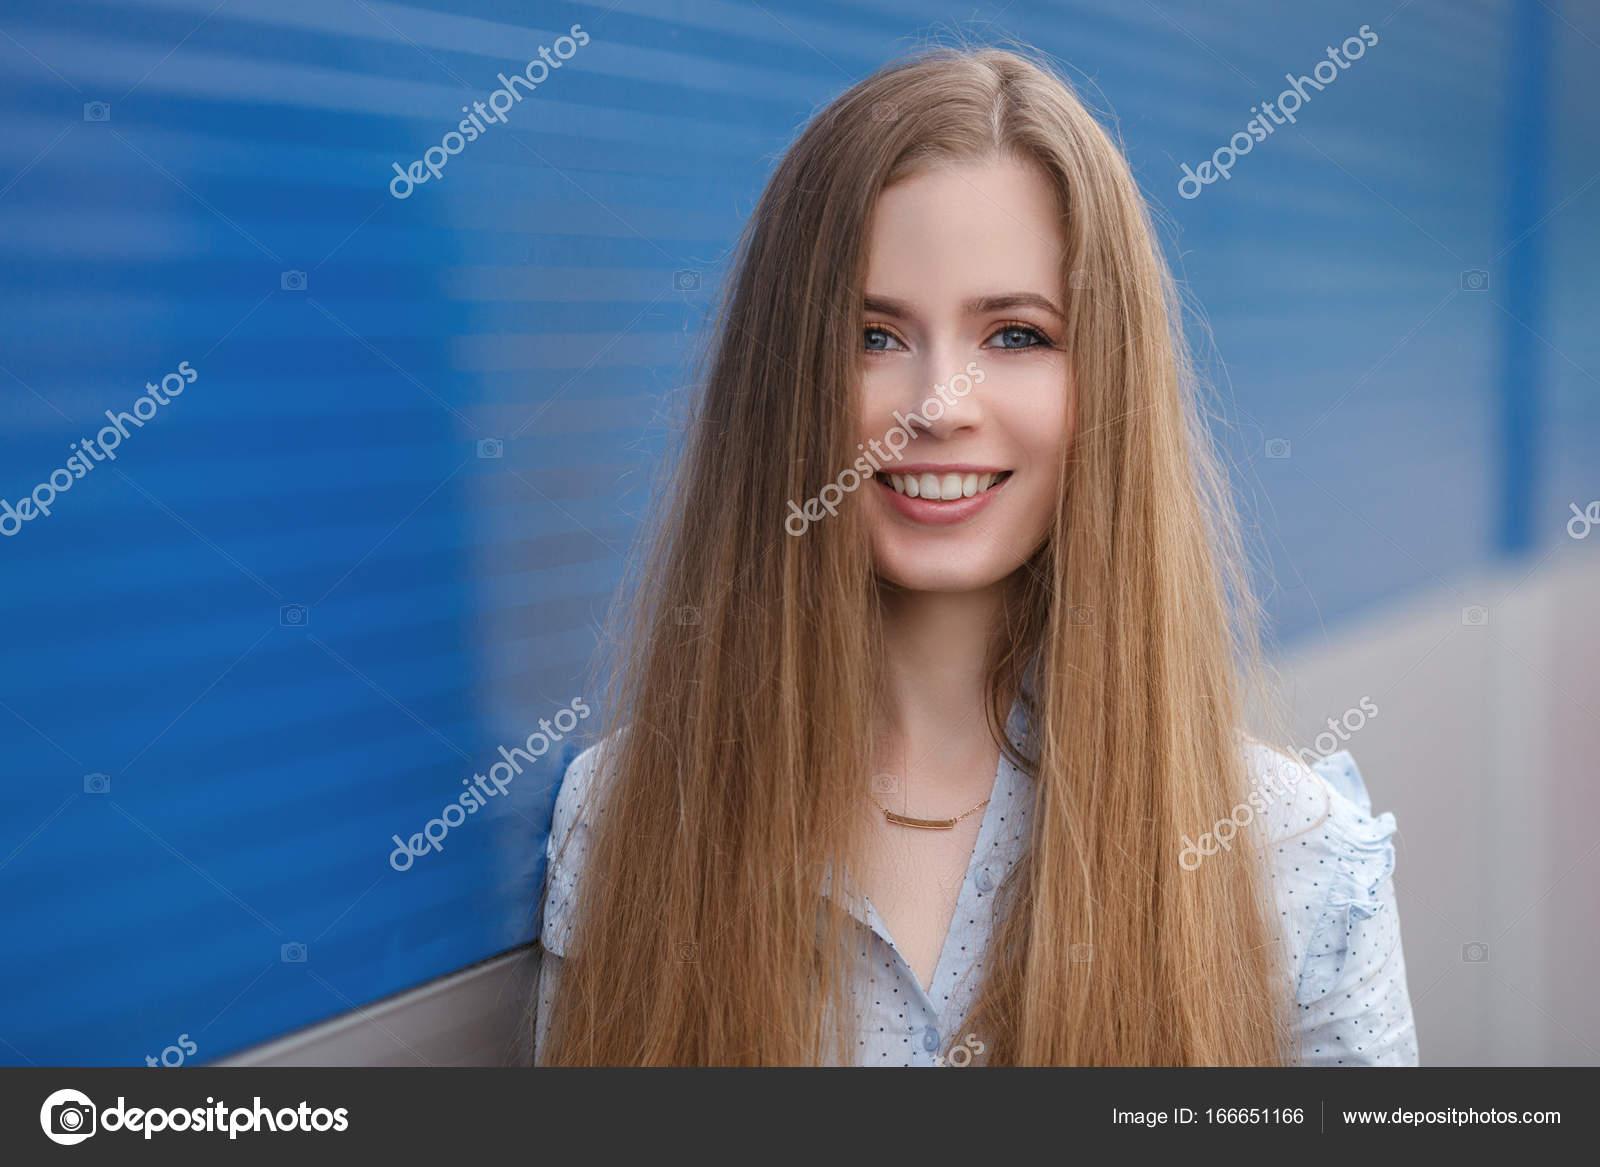 Emotionale Nähe Porträt Eine Hübsche Blonde Frau Mit